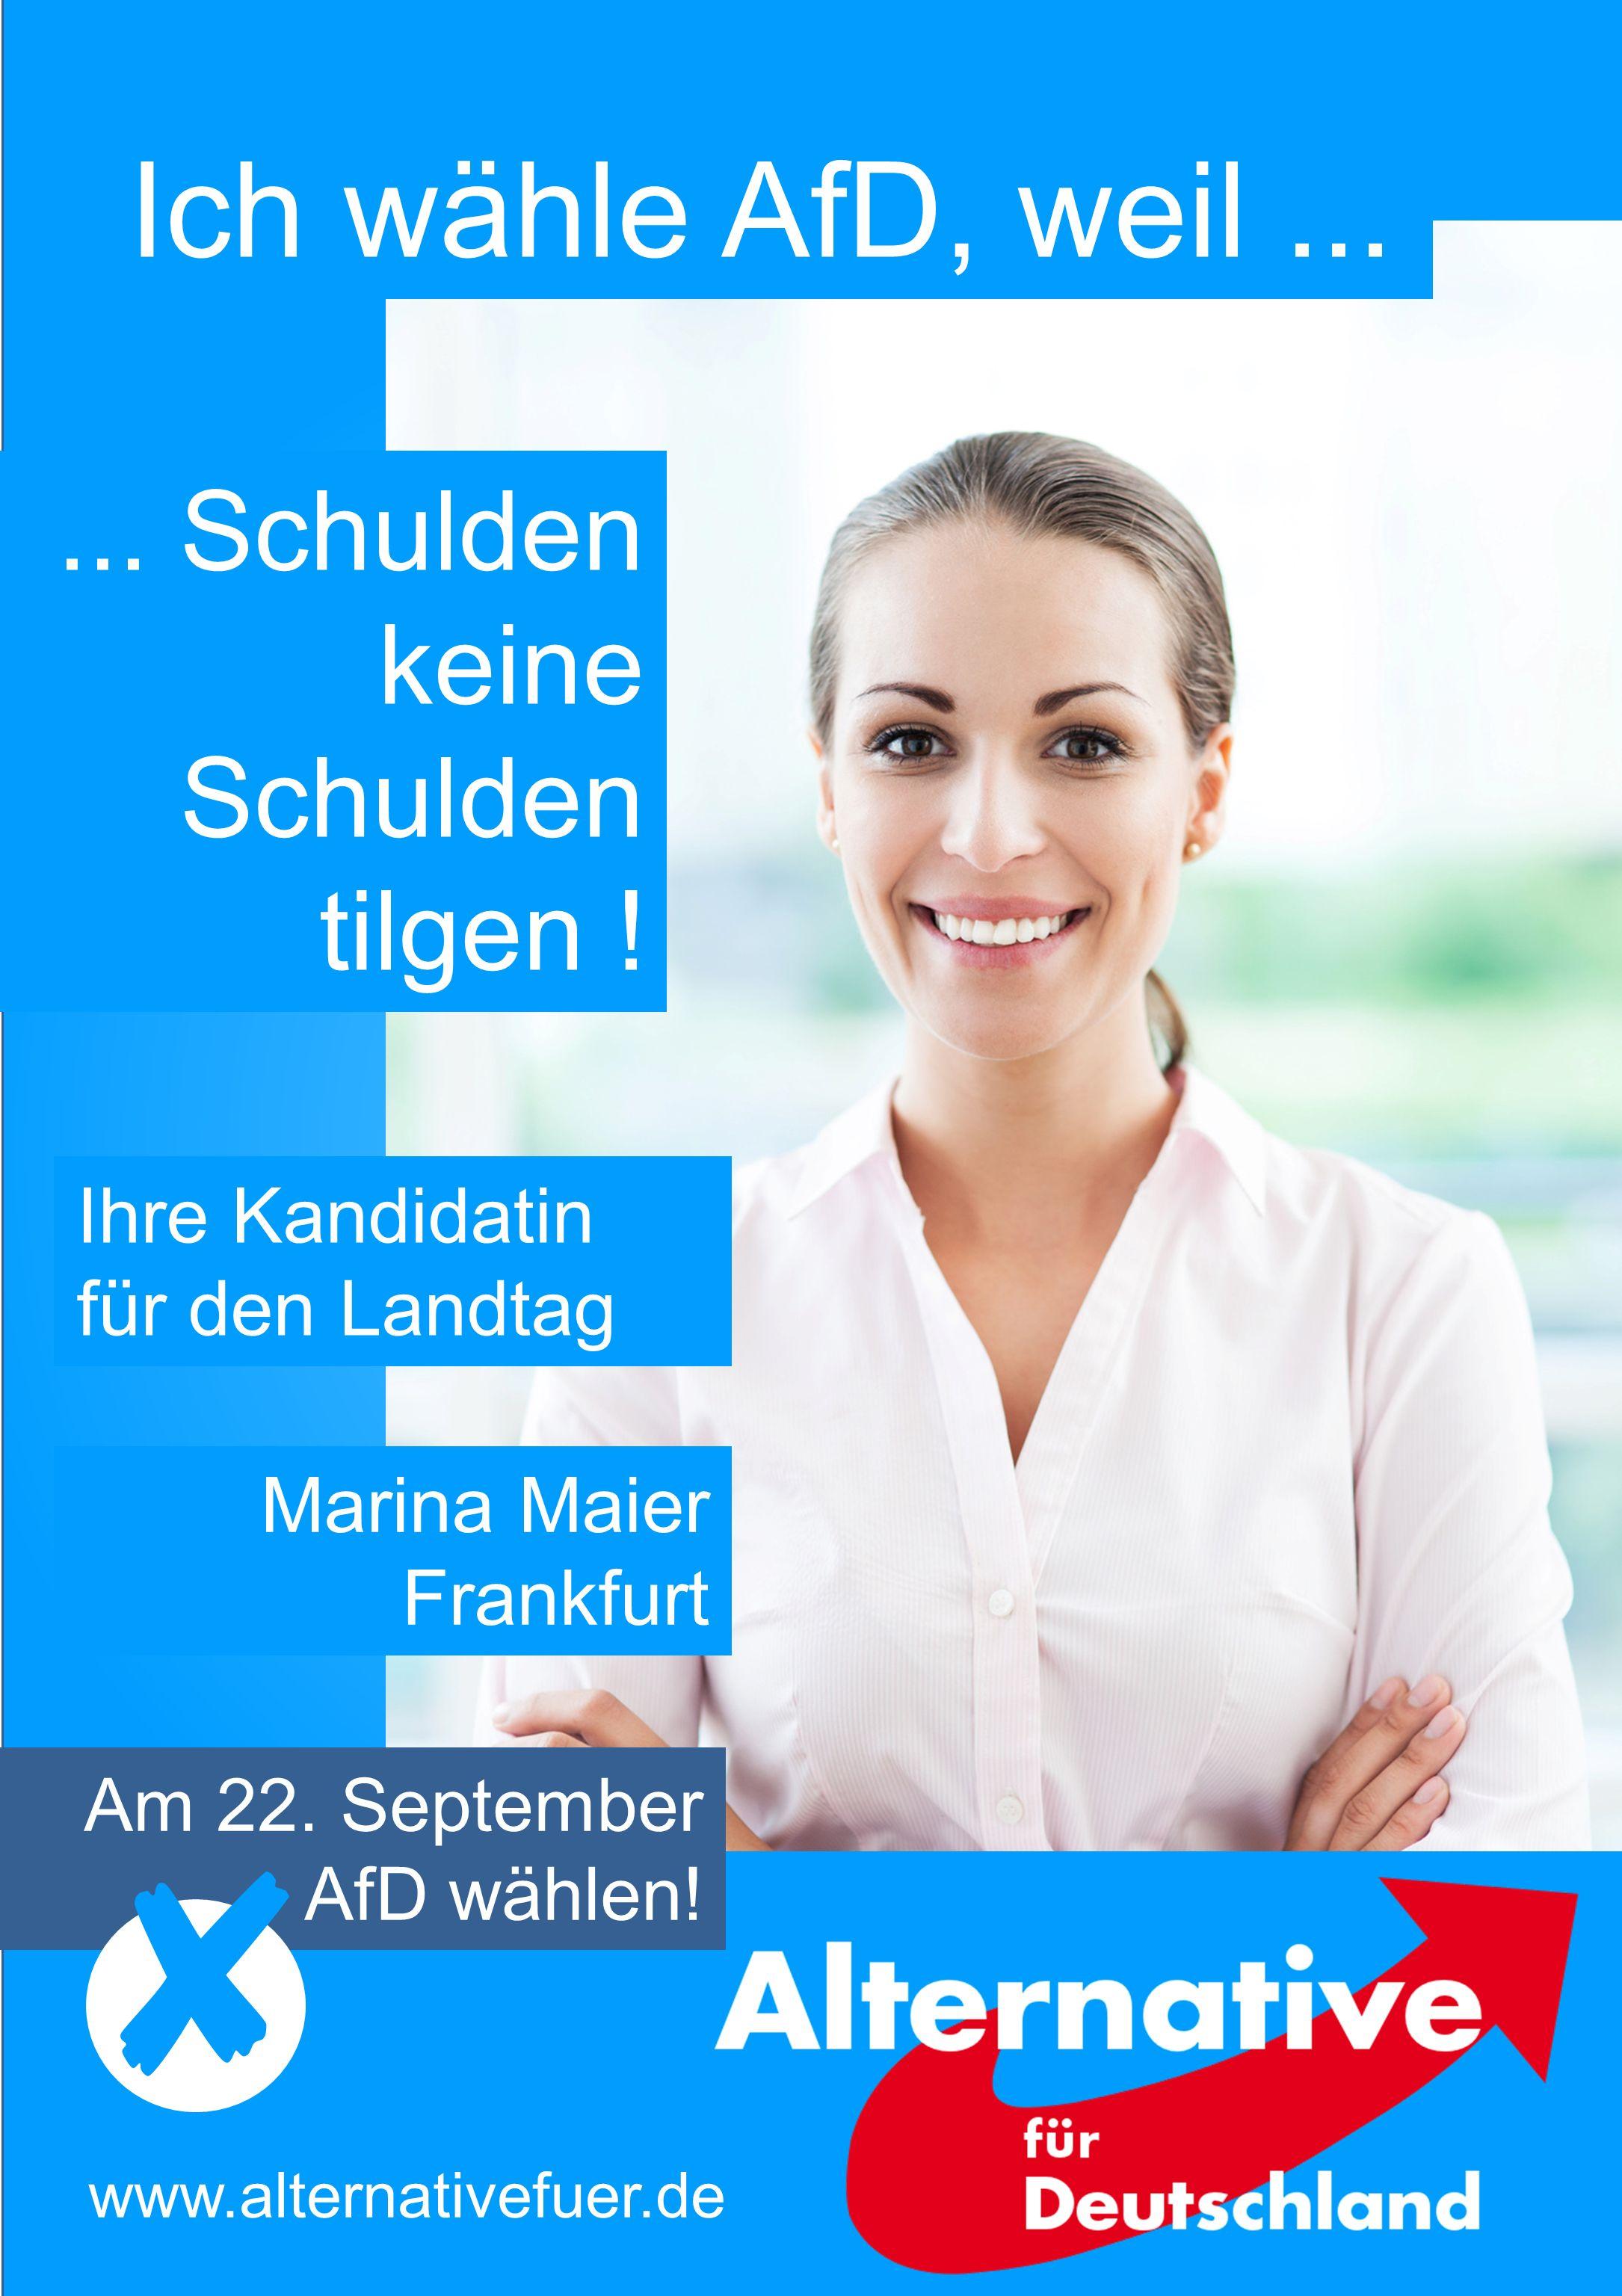 Futura Book, 138 pt.Am 22. September AfD wählen. www.alternativefuer.de Futura Book, 80 pt.